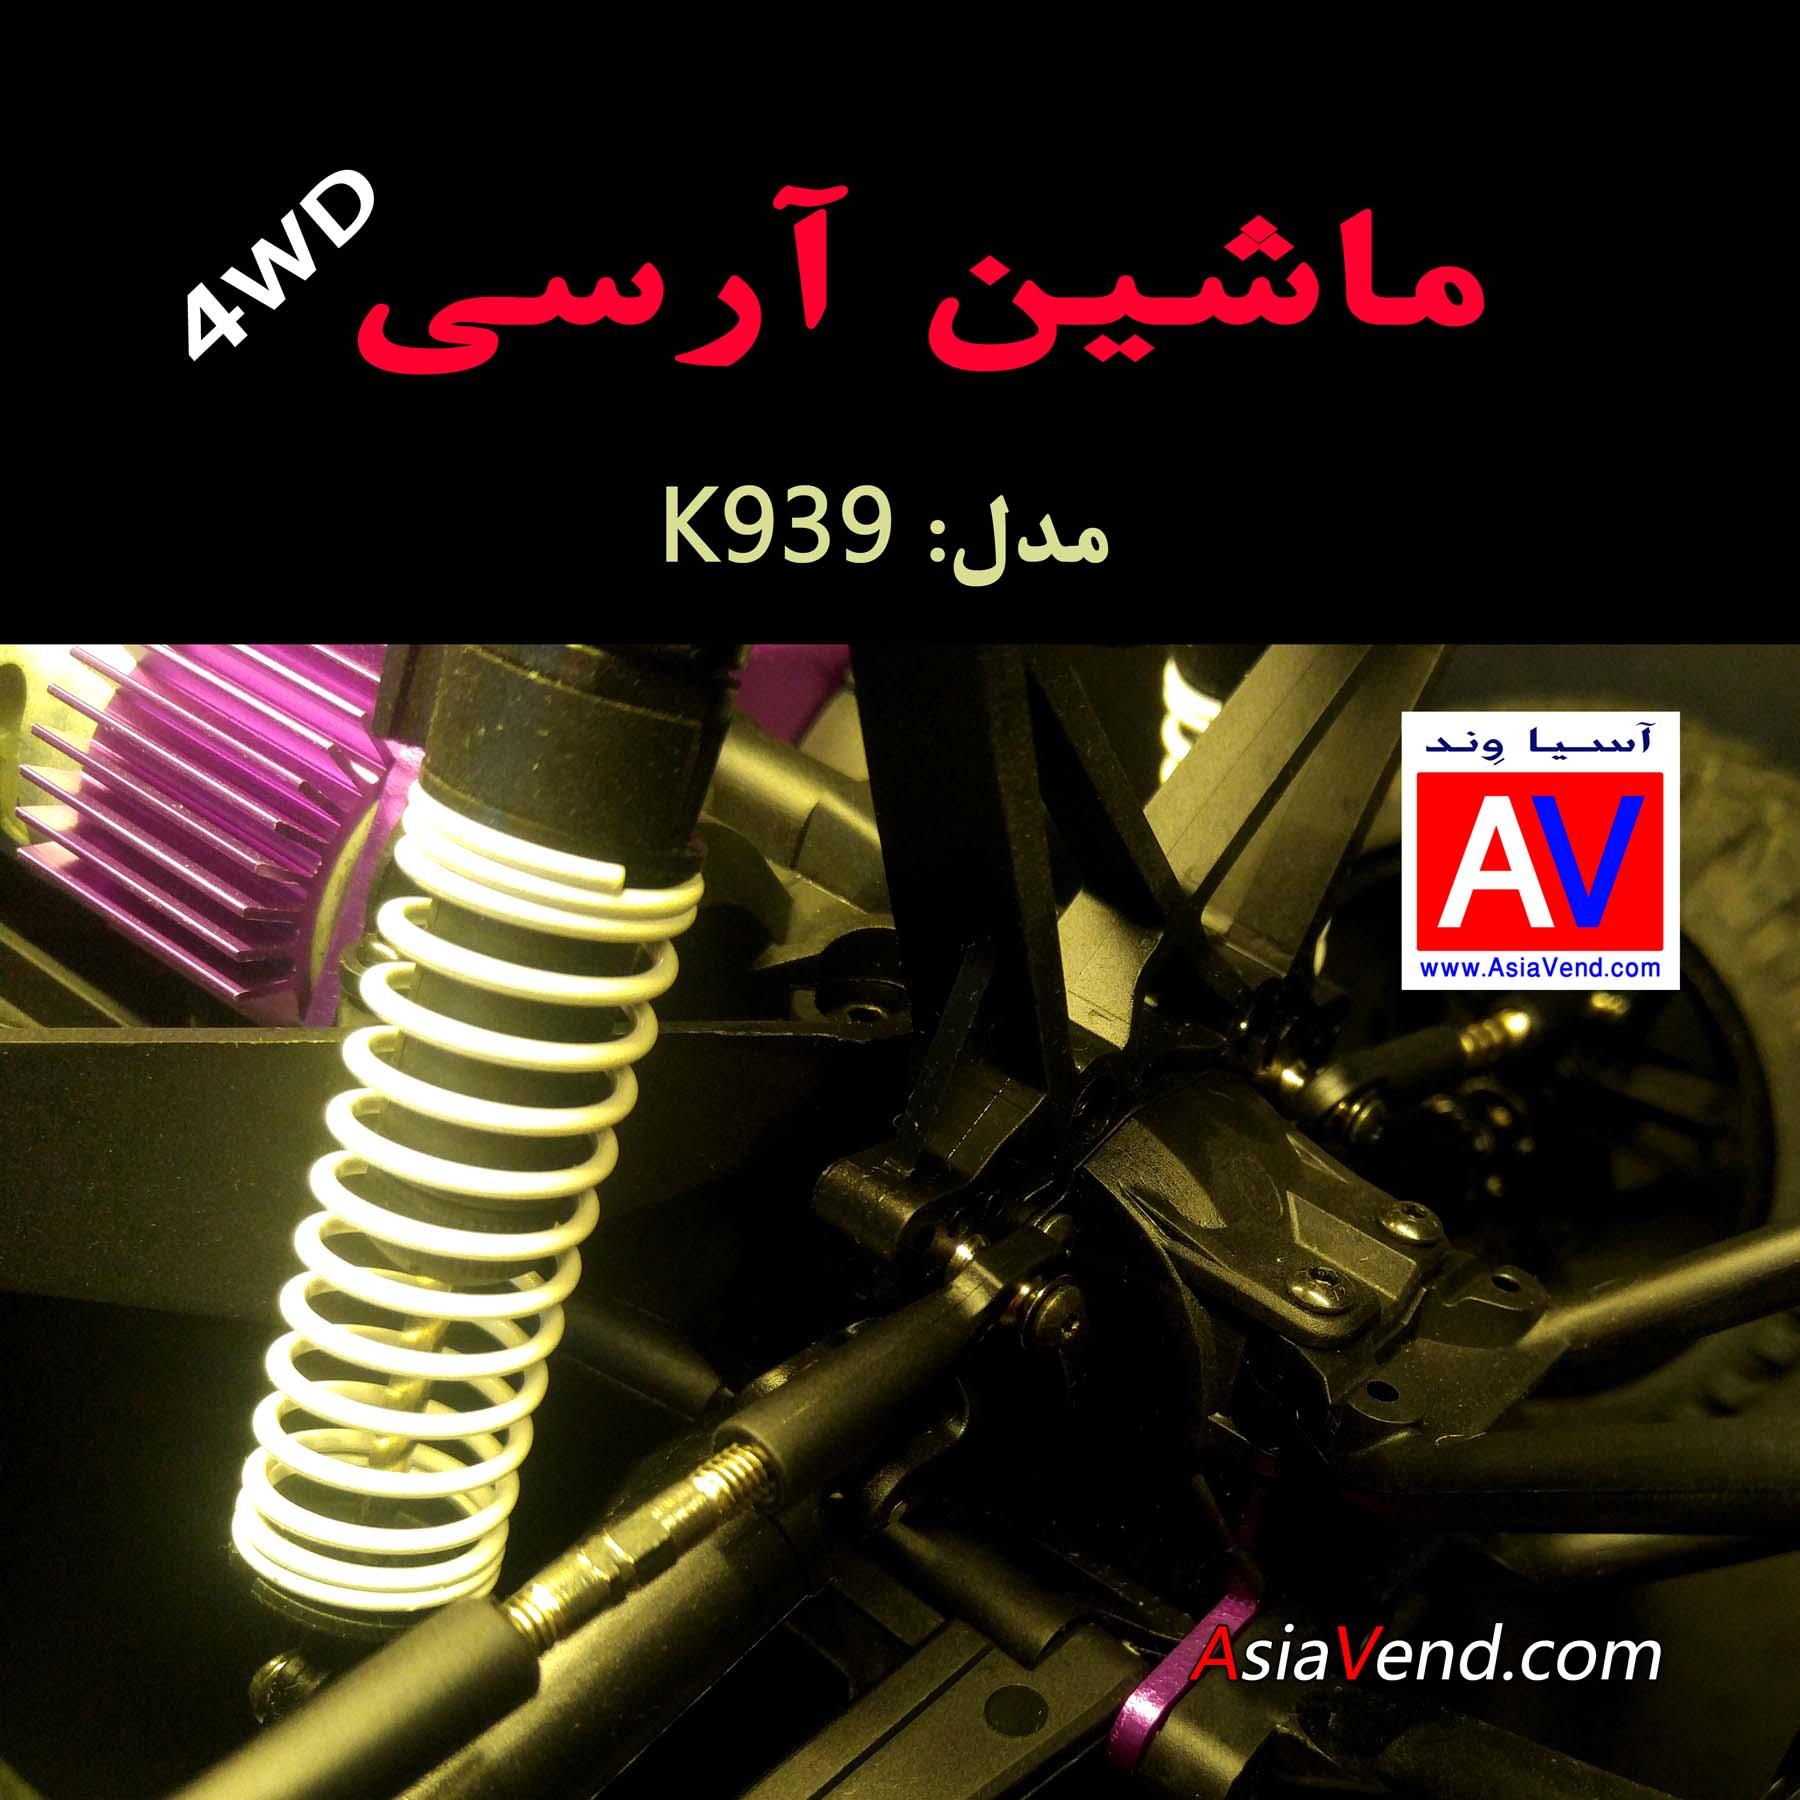 خرید ماشین ماشین کنترلی آفرود مدل Wltoys K939